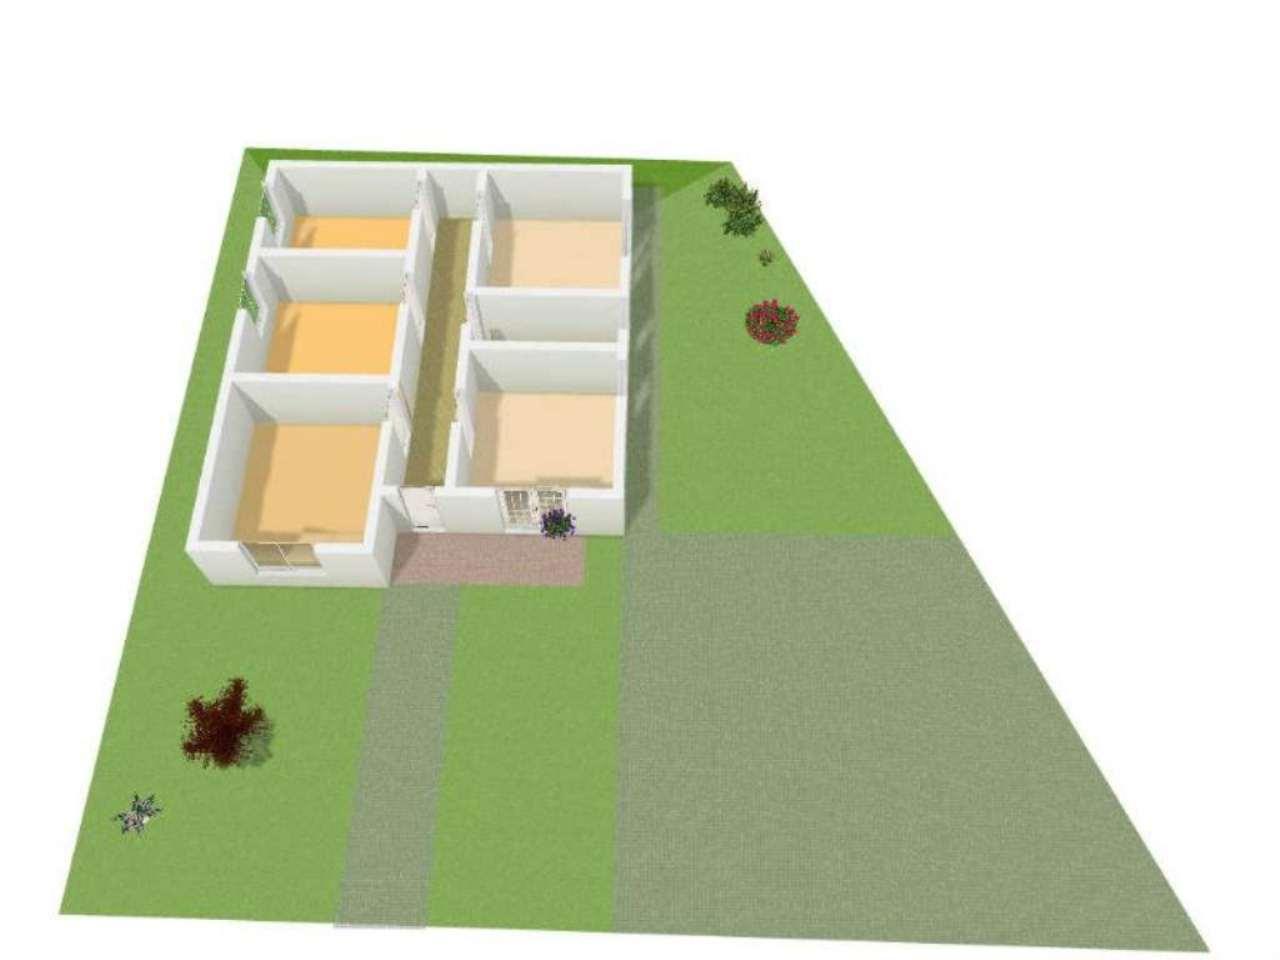 Villa in vendita a Treviglio, 4 locali, prezzo € 240.000   CambioCasa.it